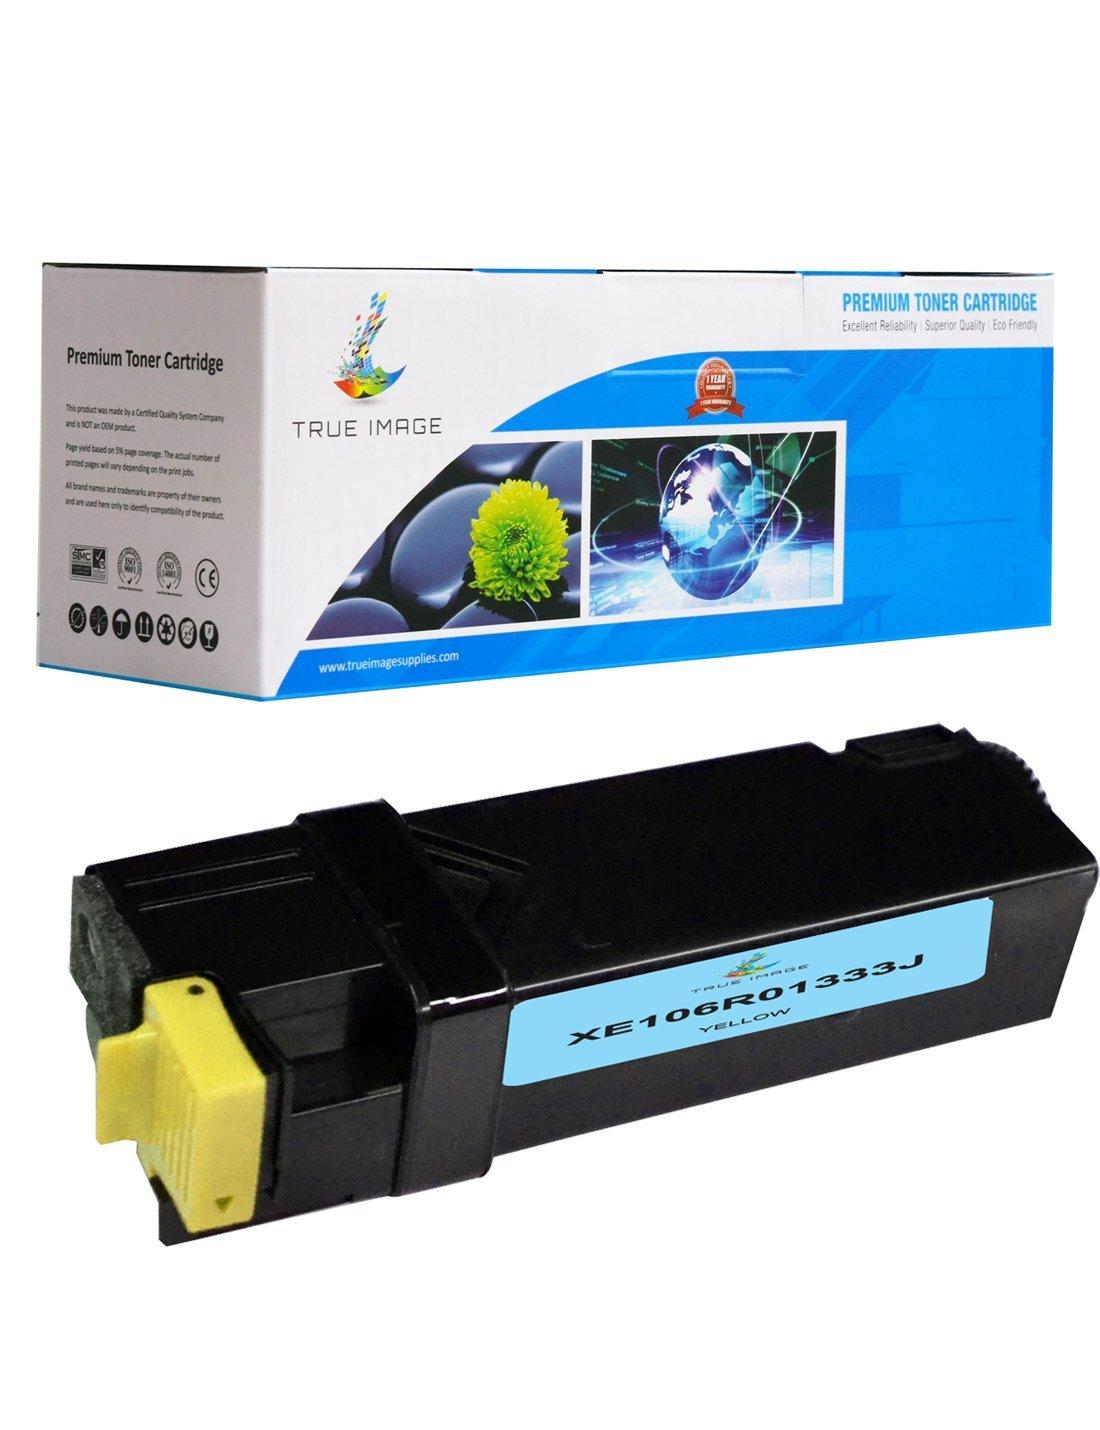 TRUE IMAGE   Thật xe106r01333 X thay thế hình ảnh này được áp dụng cho 106r01333 mực in laser.